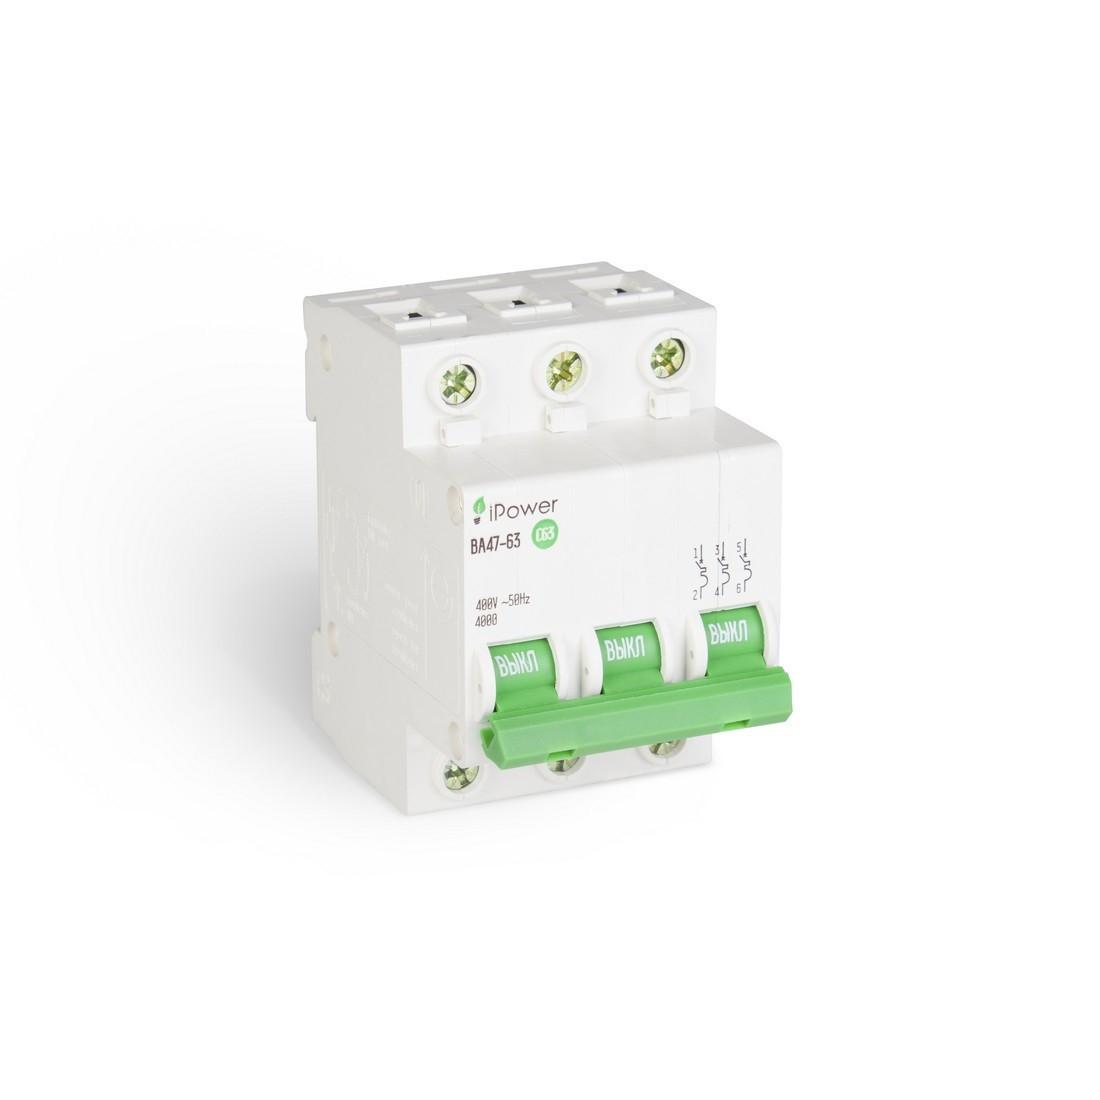 Автоматический выключатель реечный iPower ВА47-63 3Р 25А - фото 1